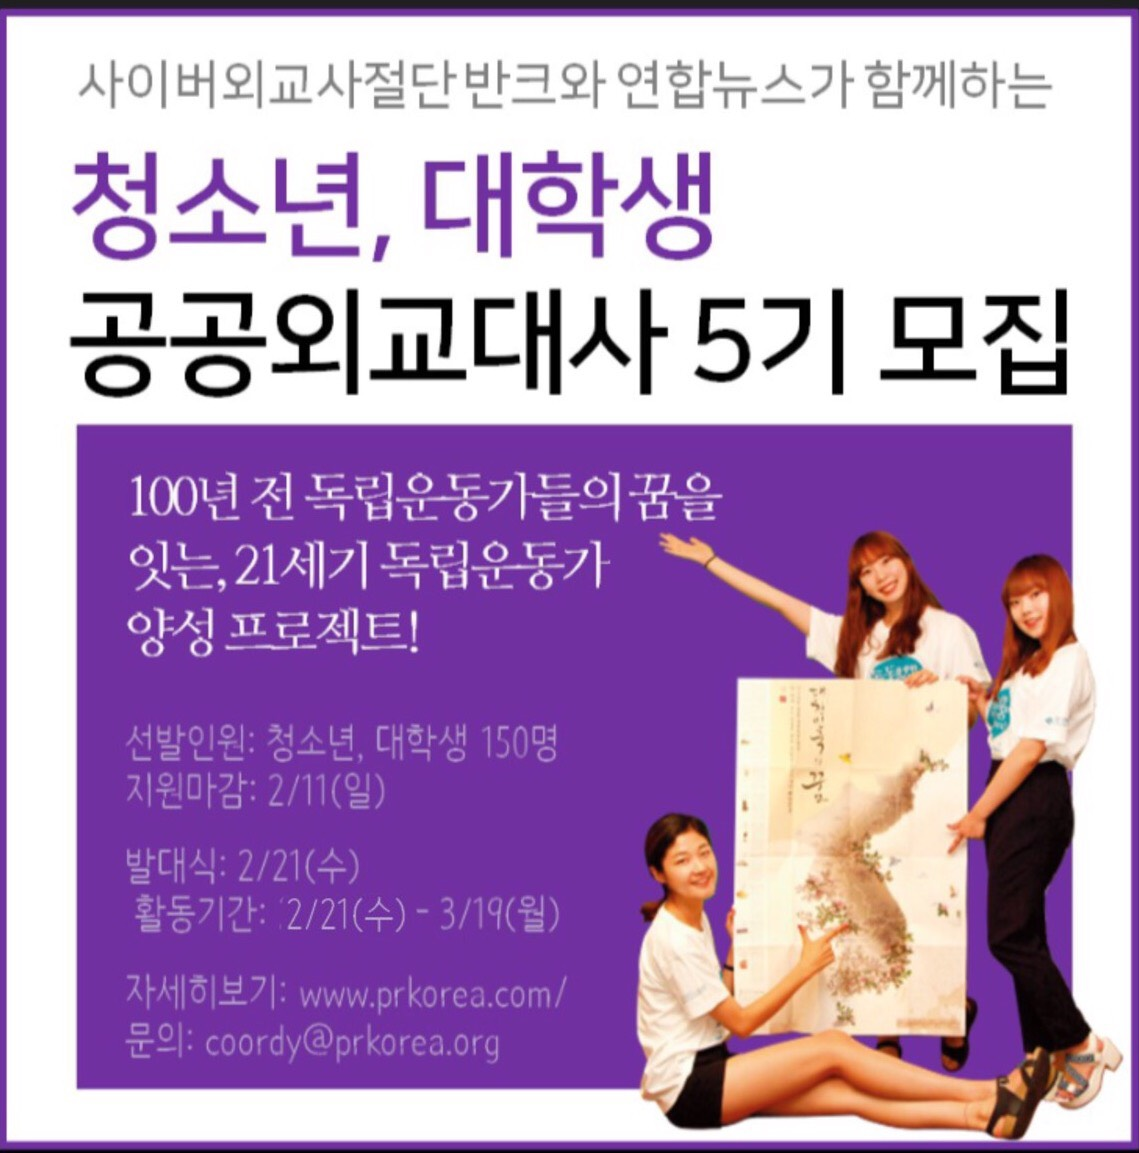 [반크]한국홍보활동 청년 공공외교대사 5기 모집(마감 2/21)